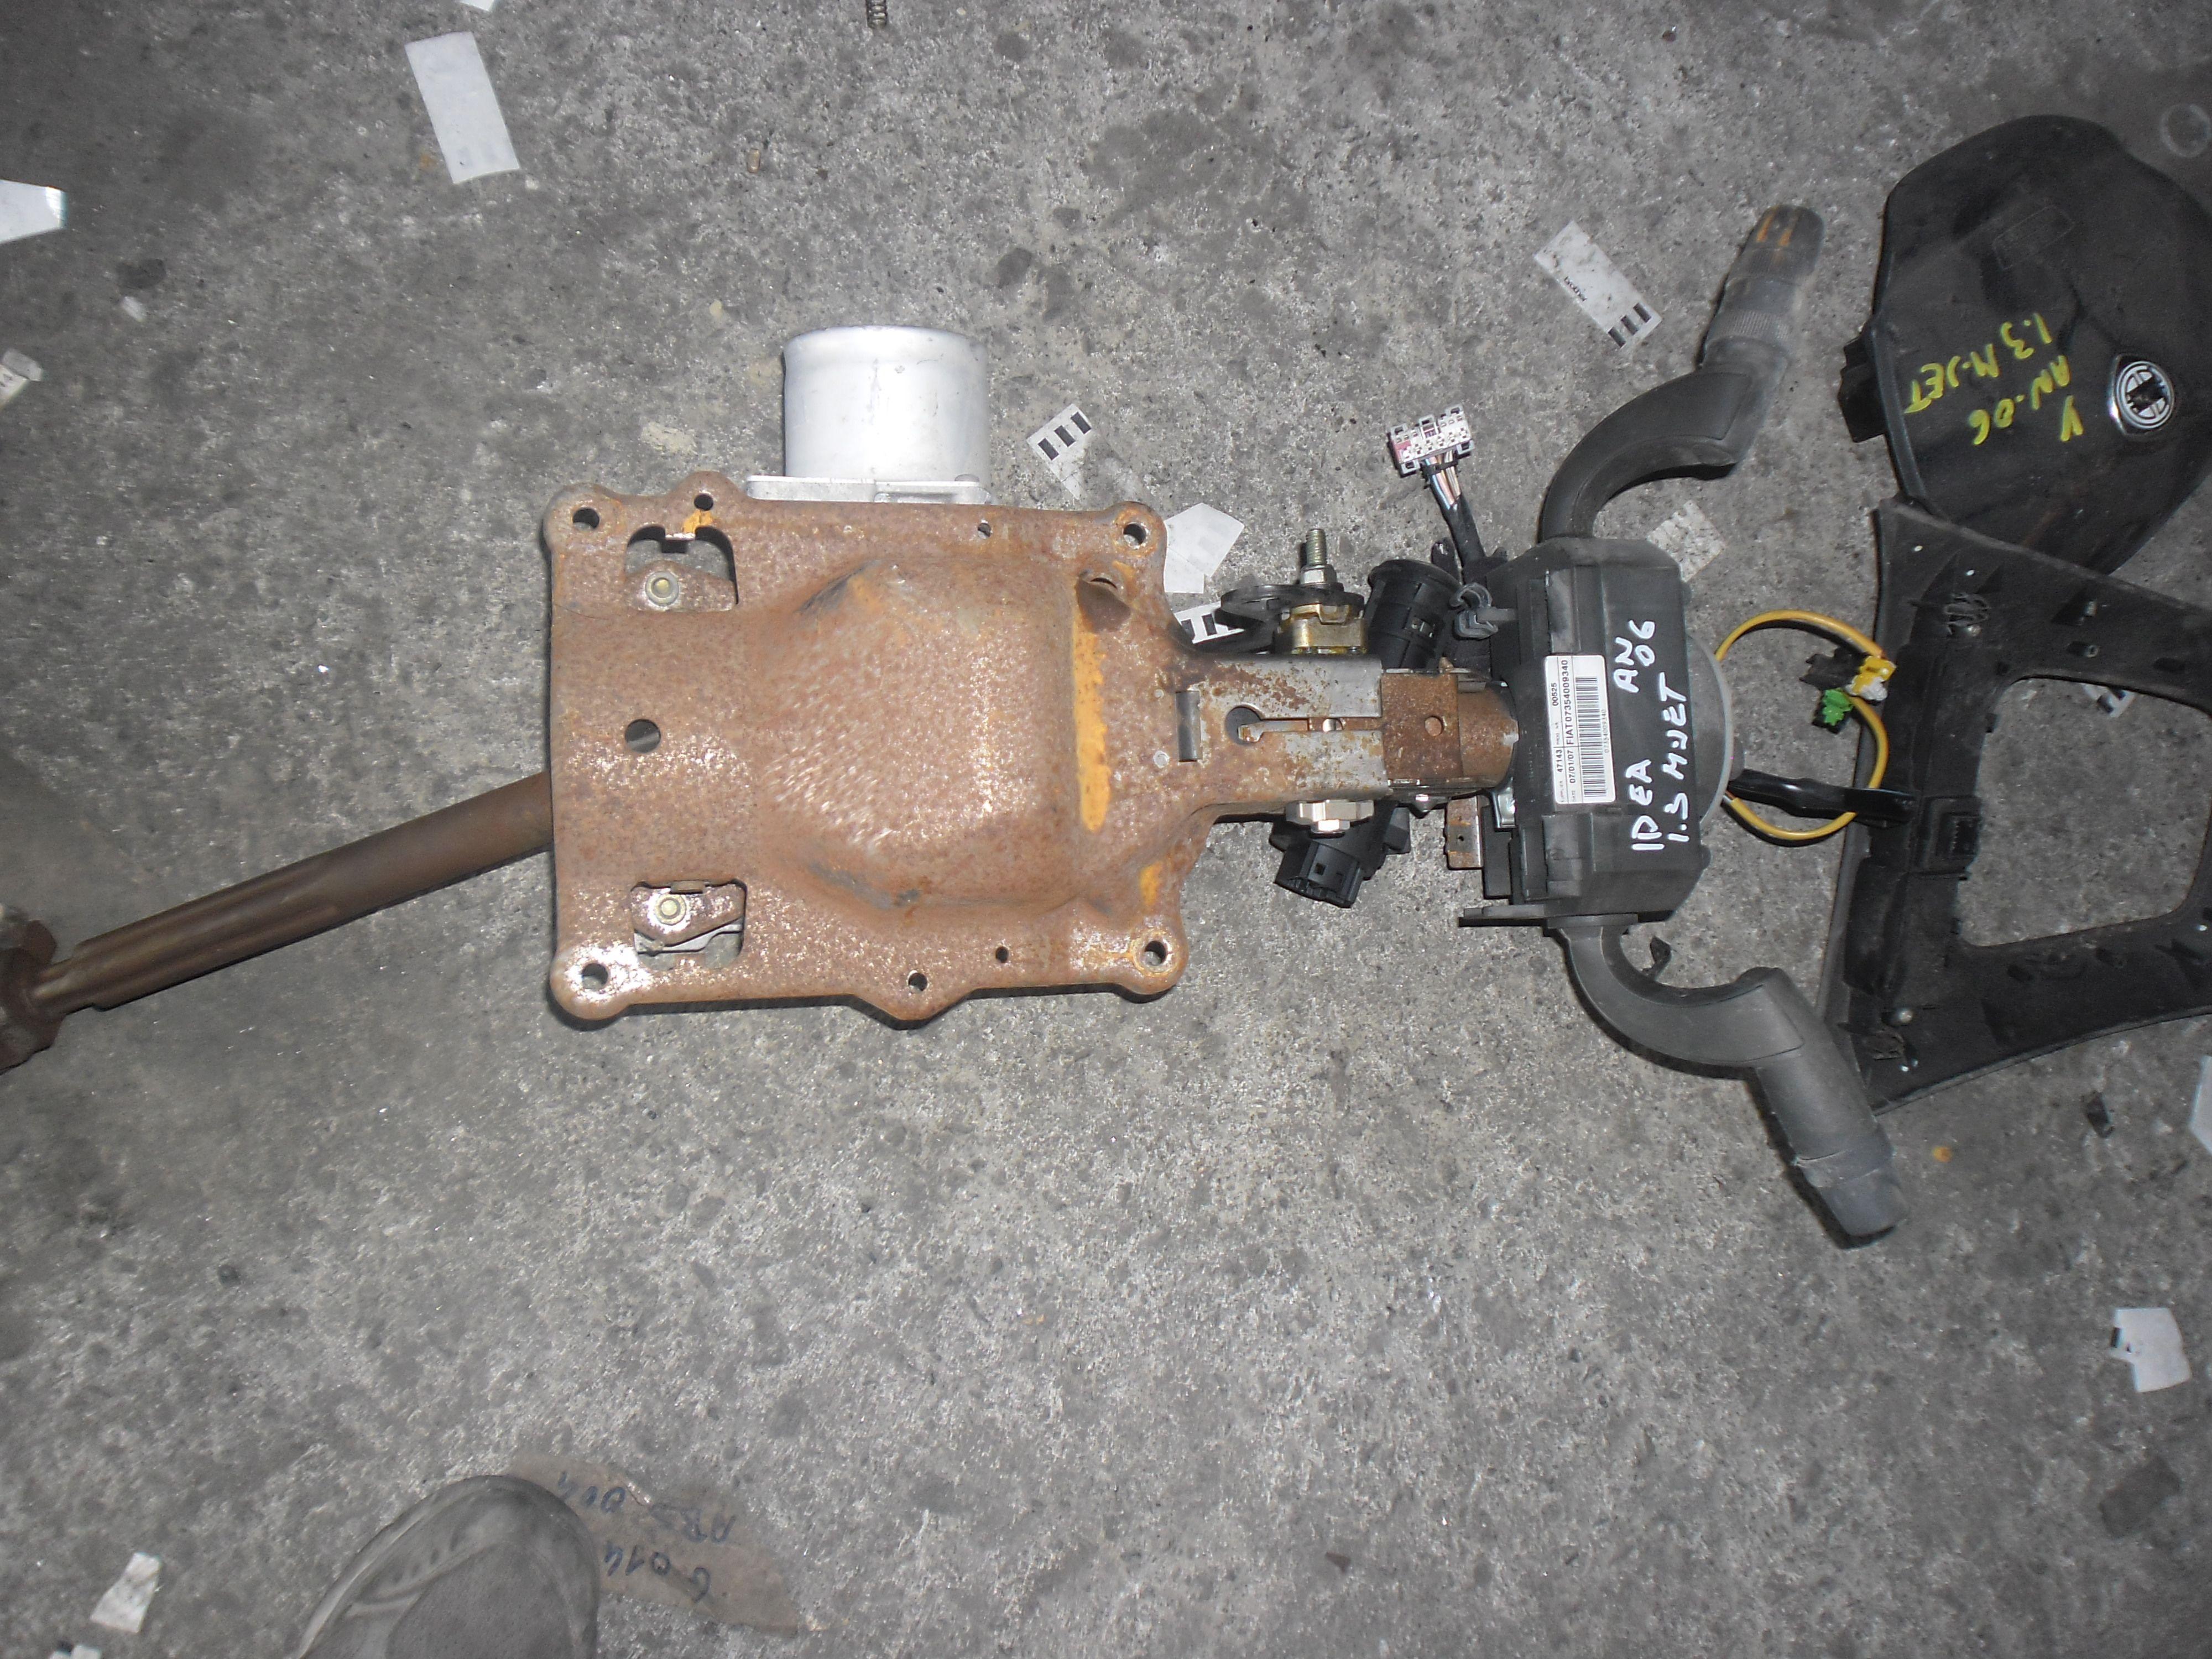 CANNA DELLO STERZO (PIANTONE) FIAT Idea 2° Serie 1300 Diesel 66 Kw  (2006) RICAMBI USATI